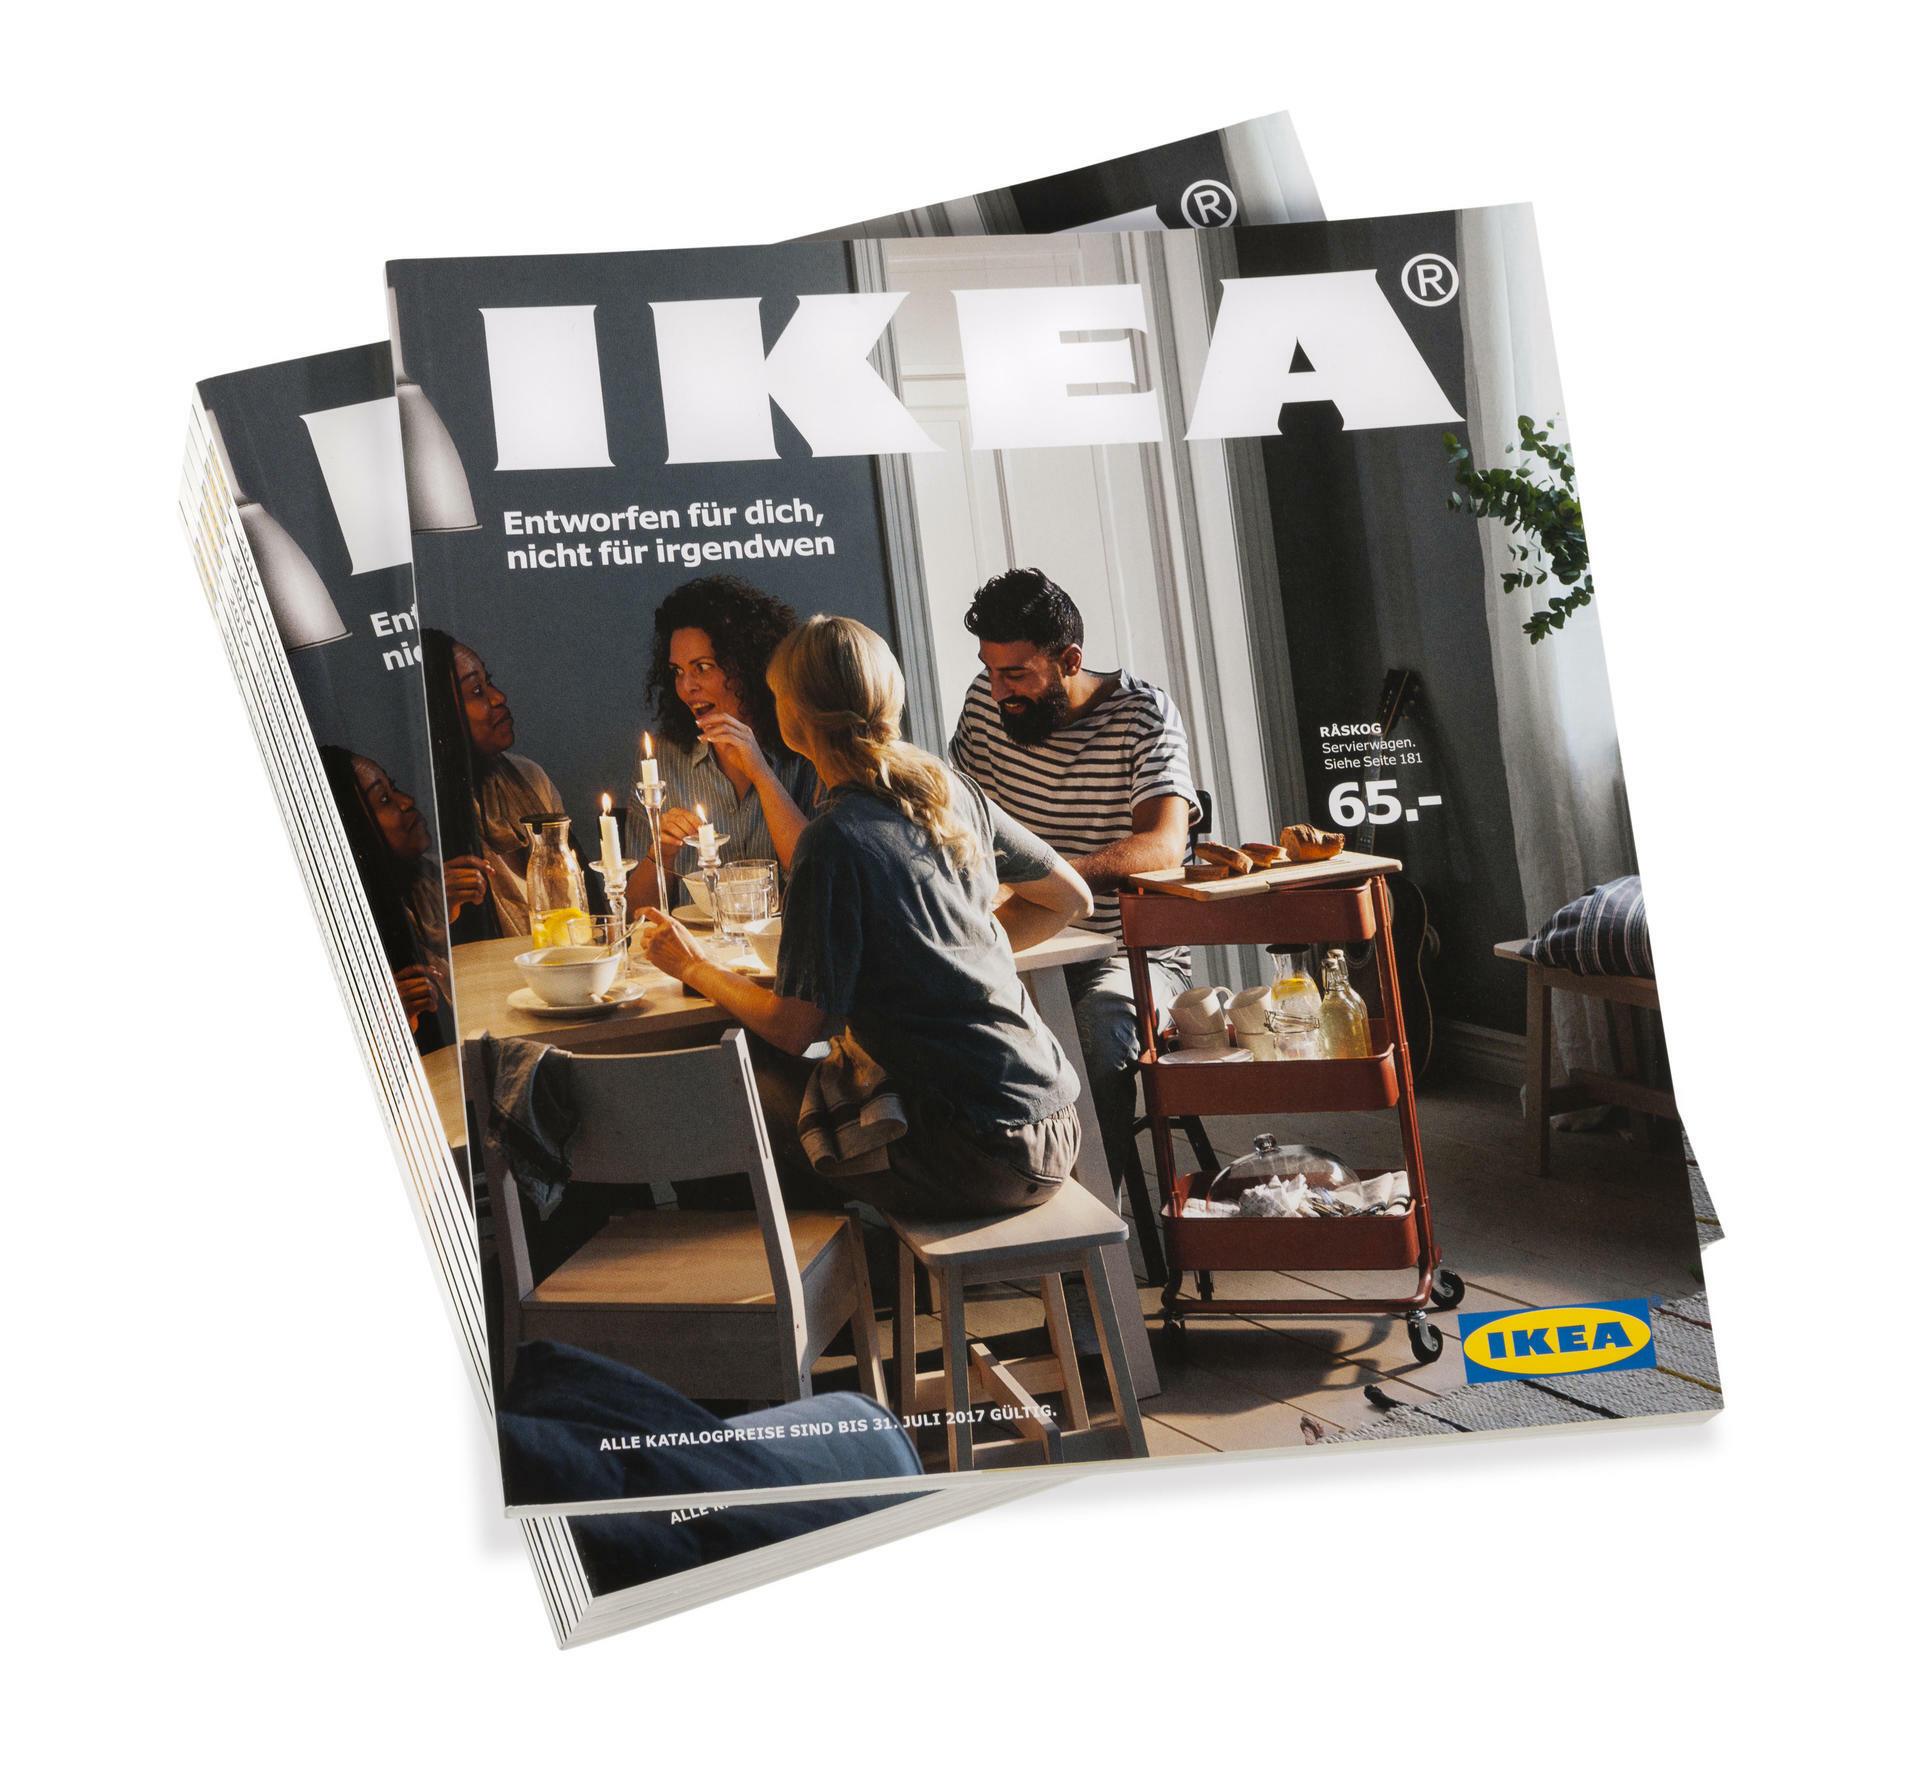 Neuer Katalog: Wie Ikea die Montage-Zeit halbieren will